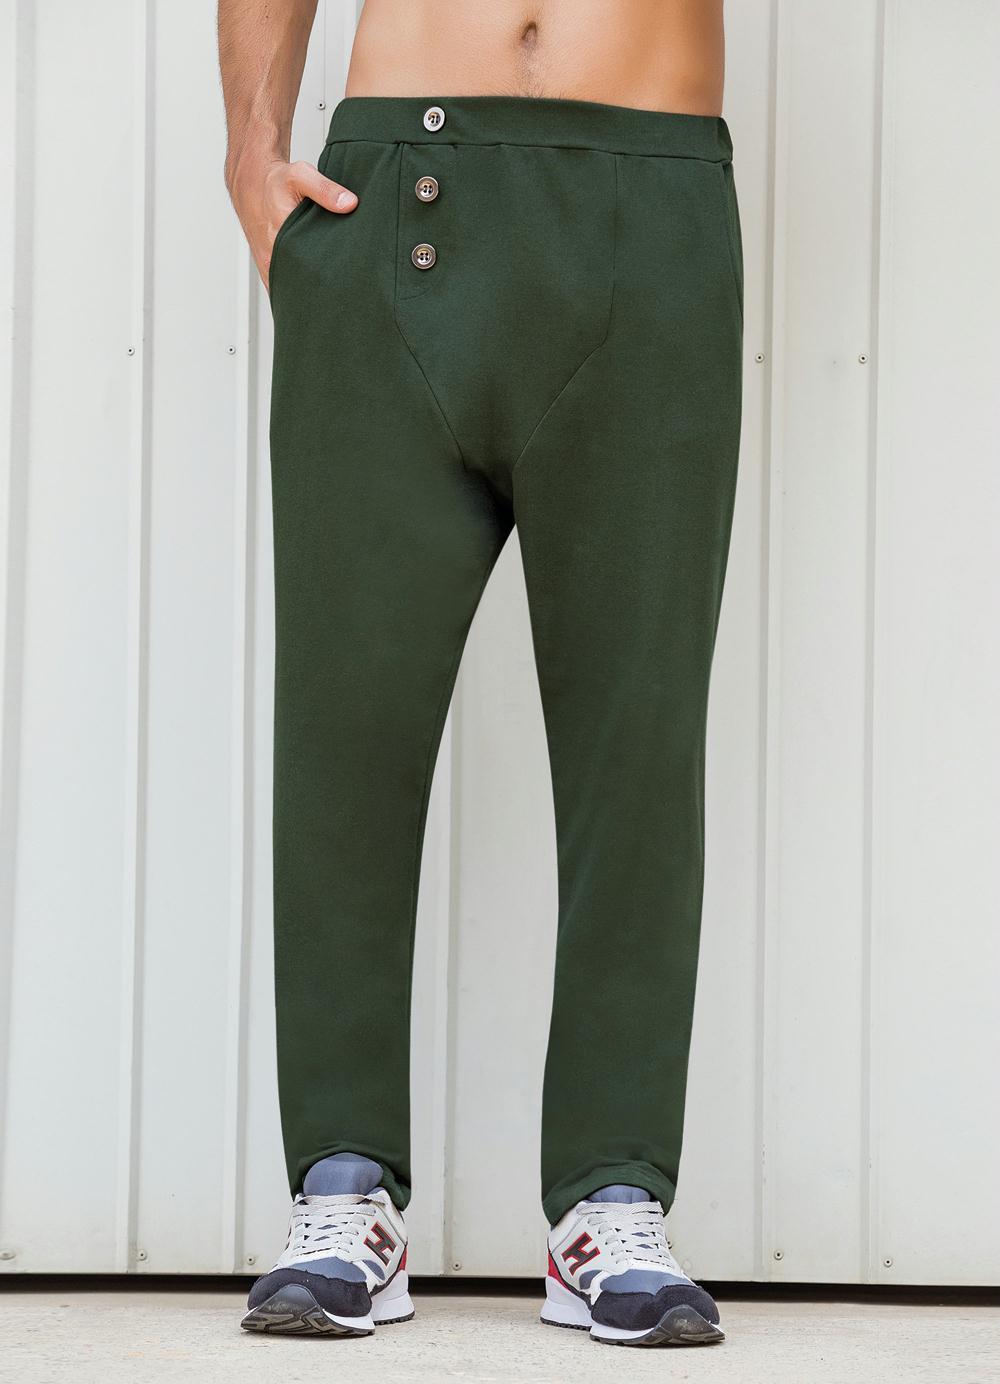 55db96d5f Calça Verde Saruel com Botões Frontais - Queima de Estoque